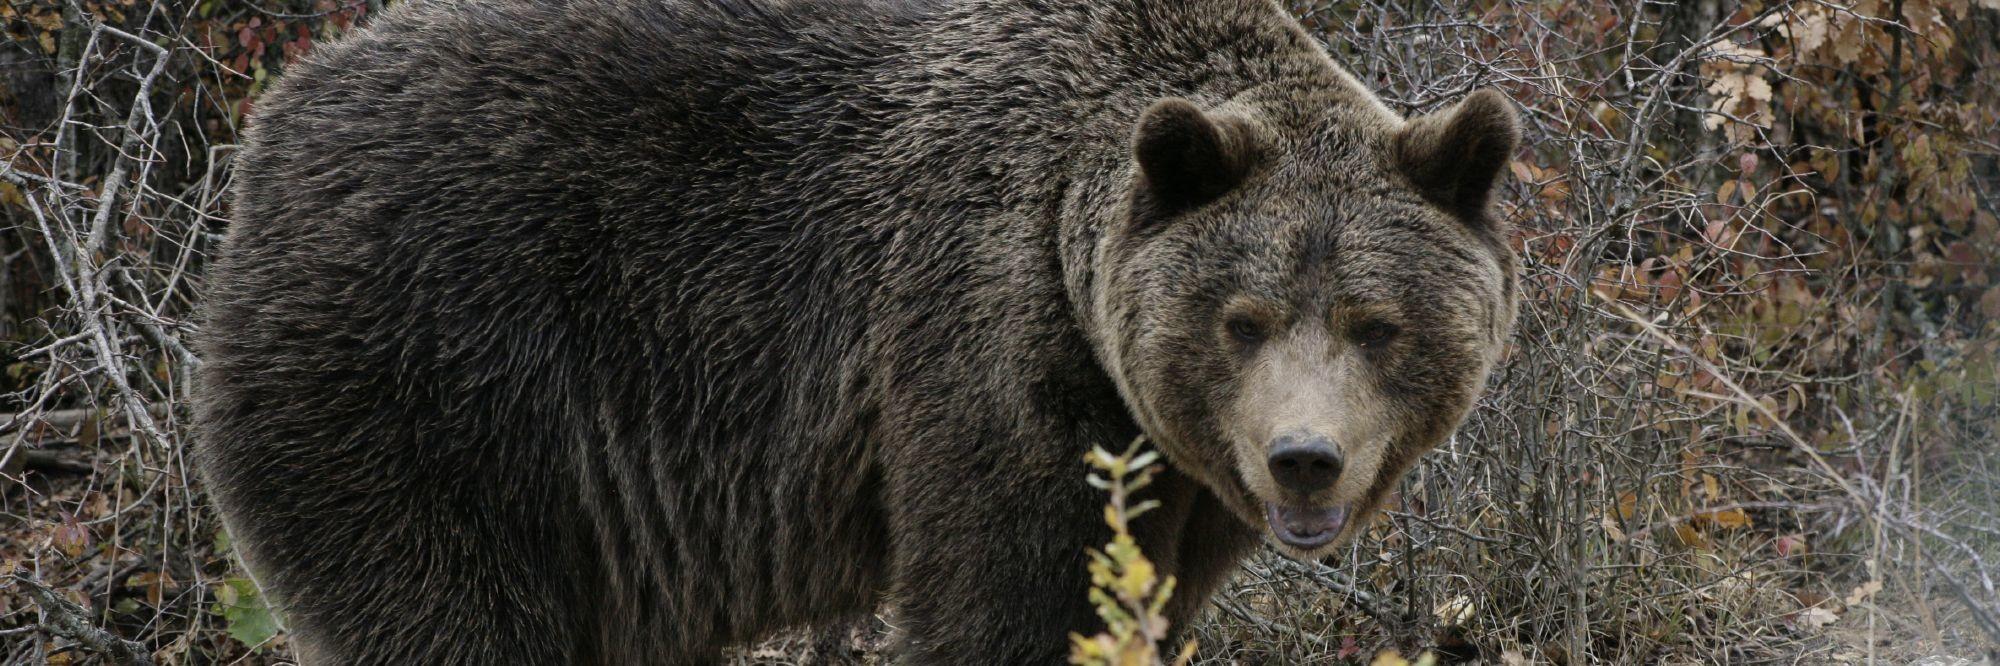 Bear in Prishtina